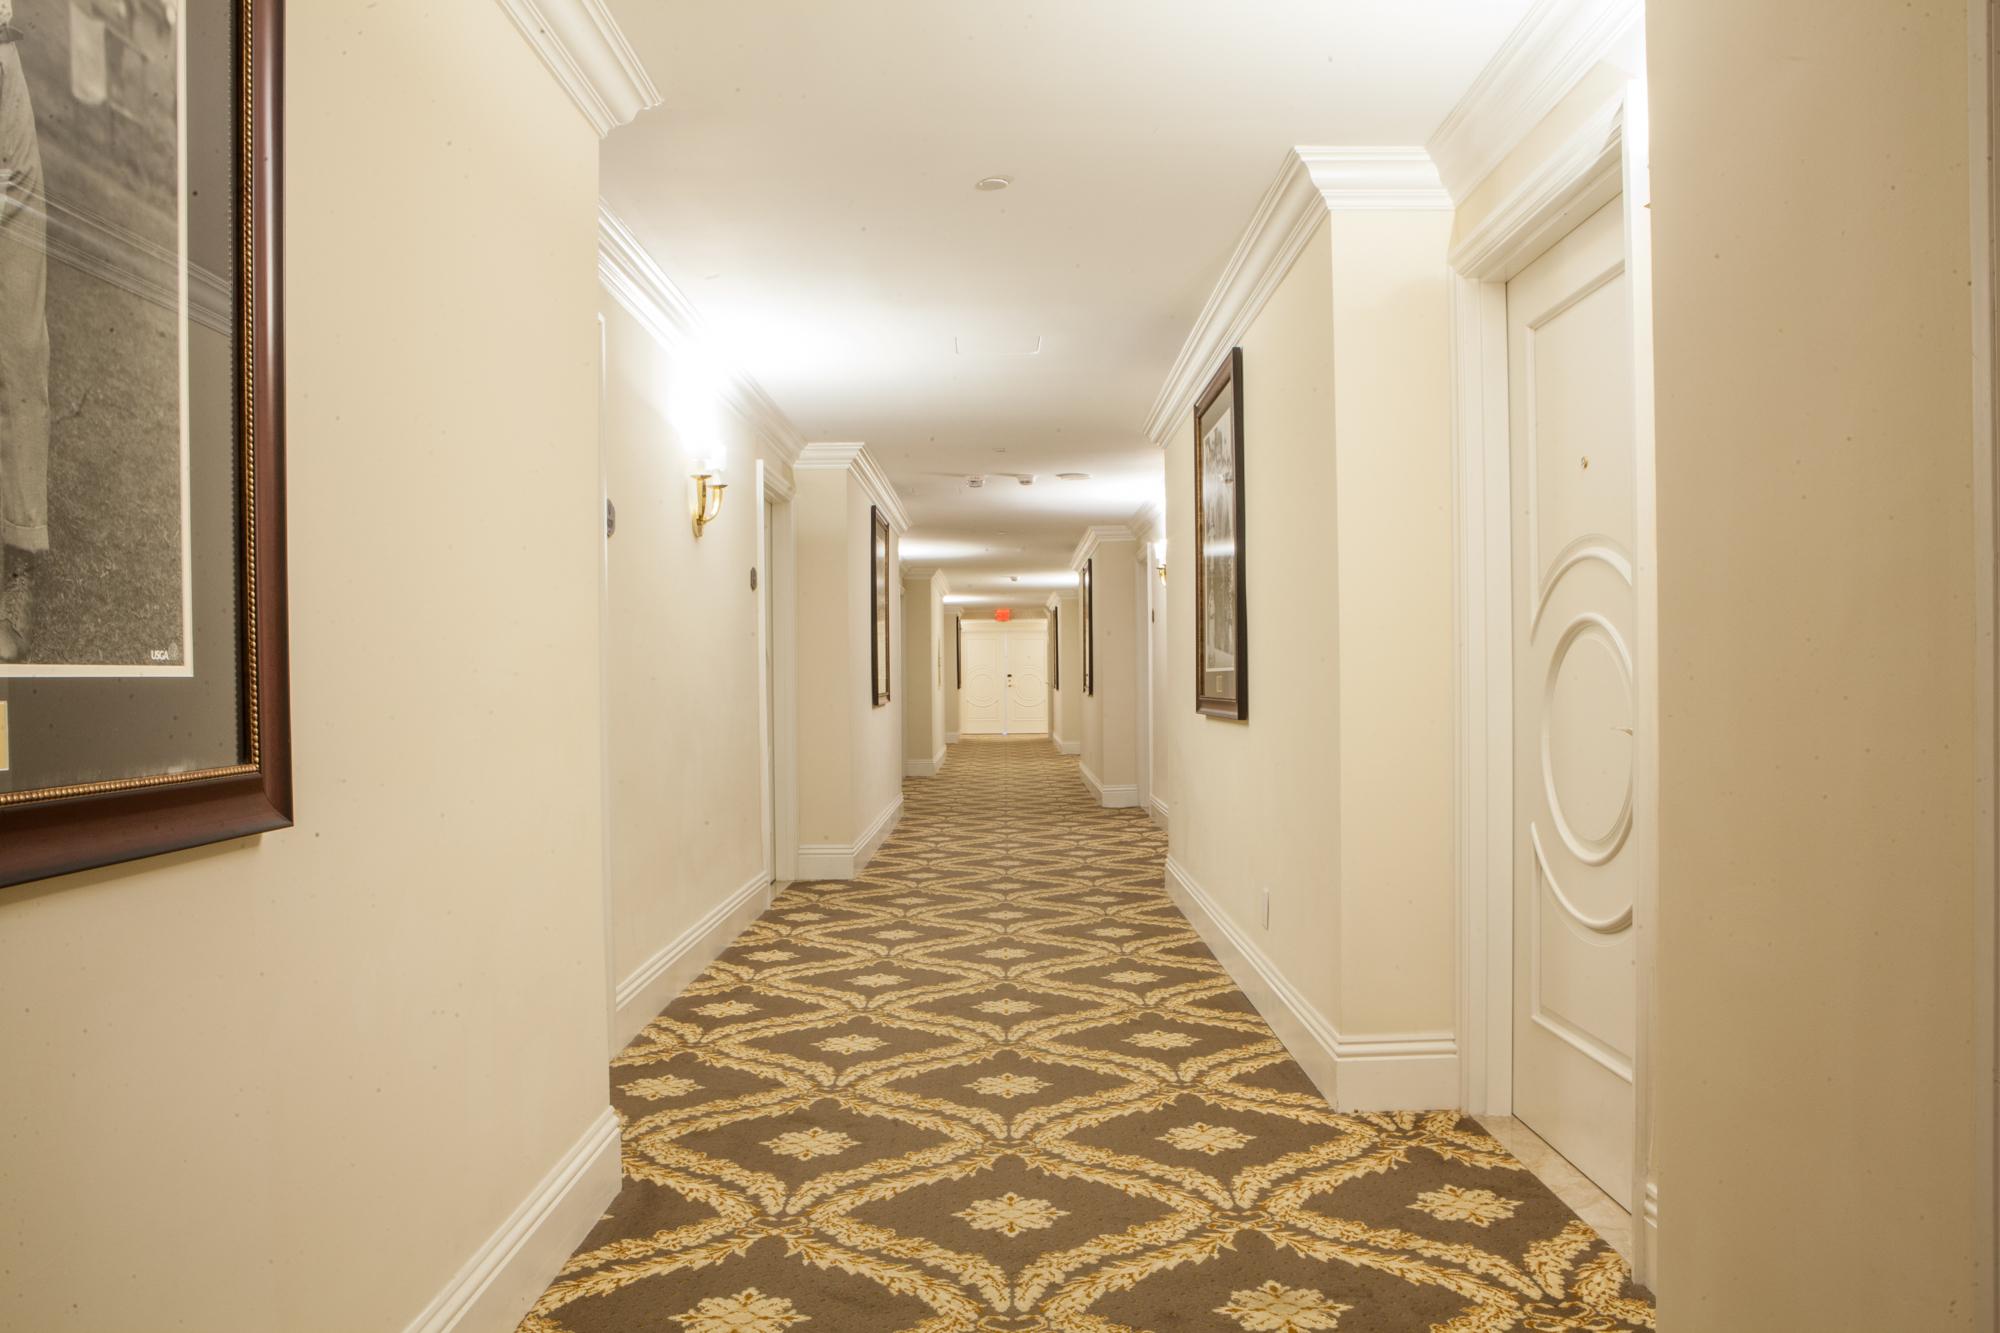 Custom Carpet Installation at Trump Resort in Doral, FL